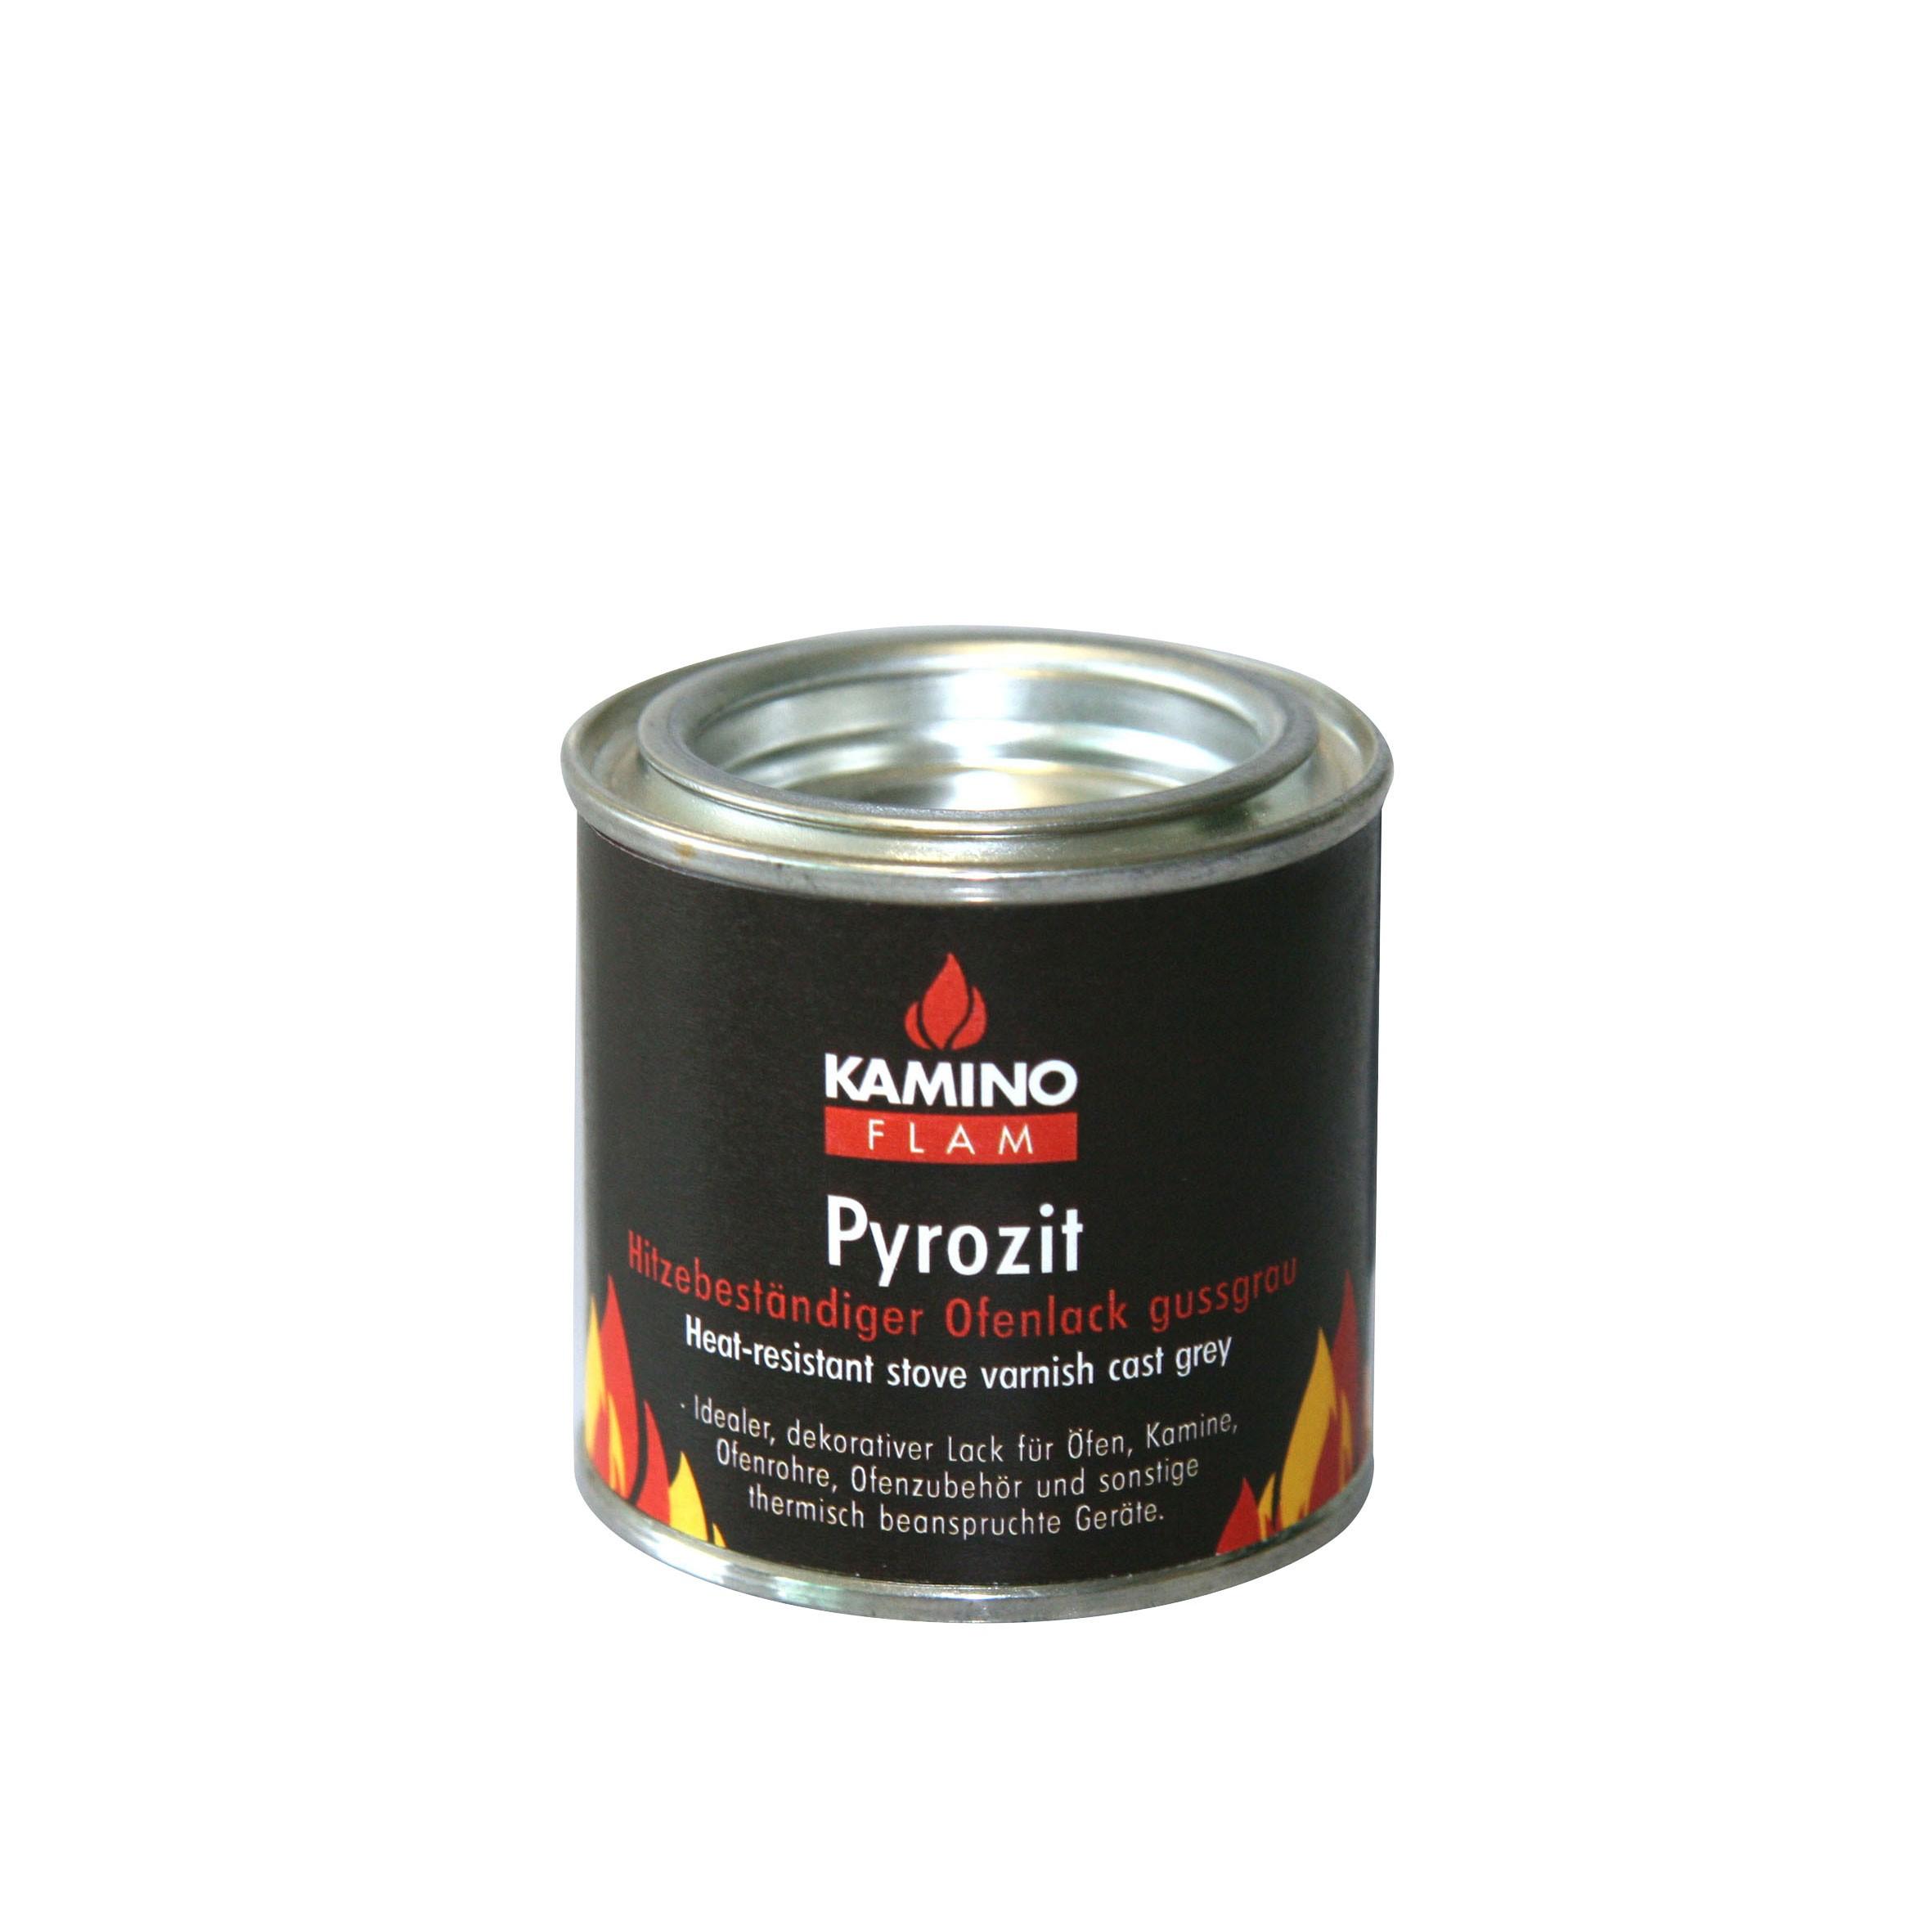 Ofenlack Pyrozit KaminoFlam hitzebeständig gussgrau matt 125g Bild 1